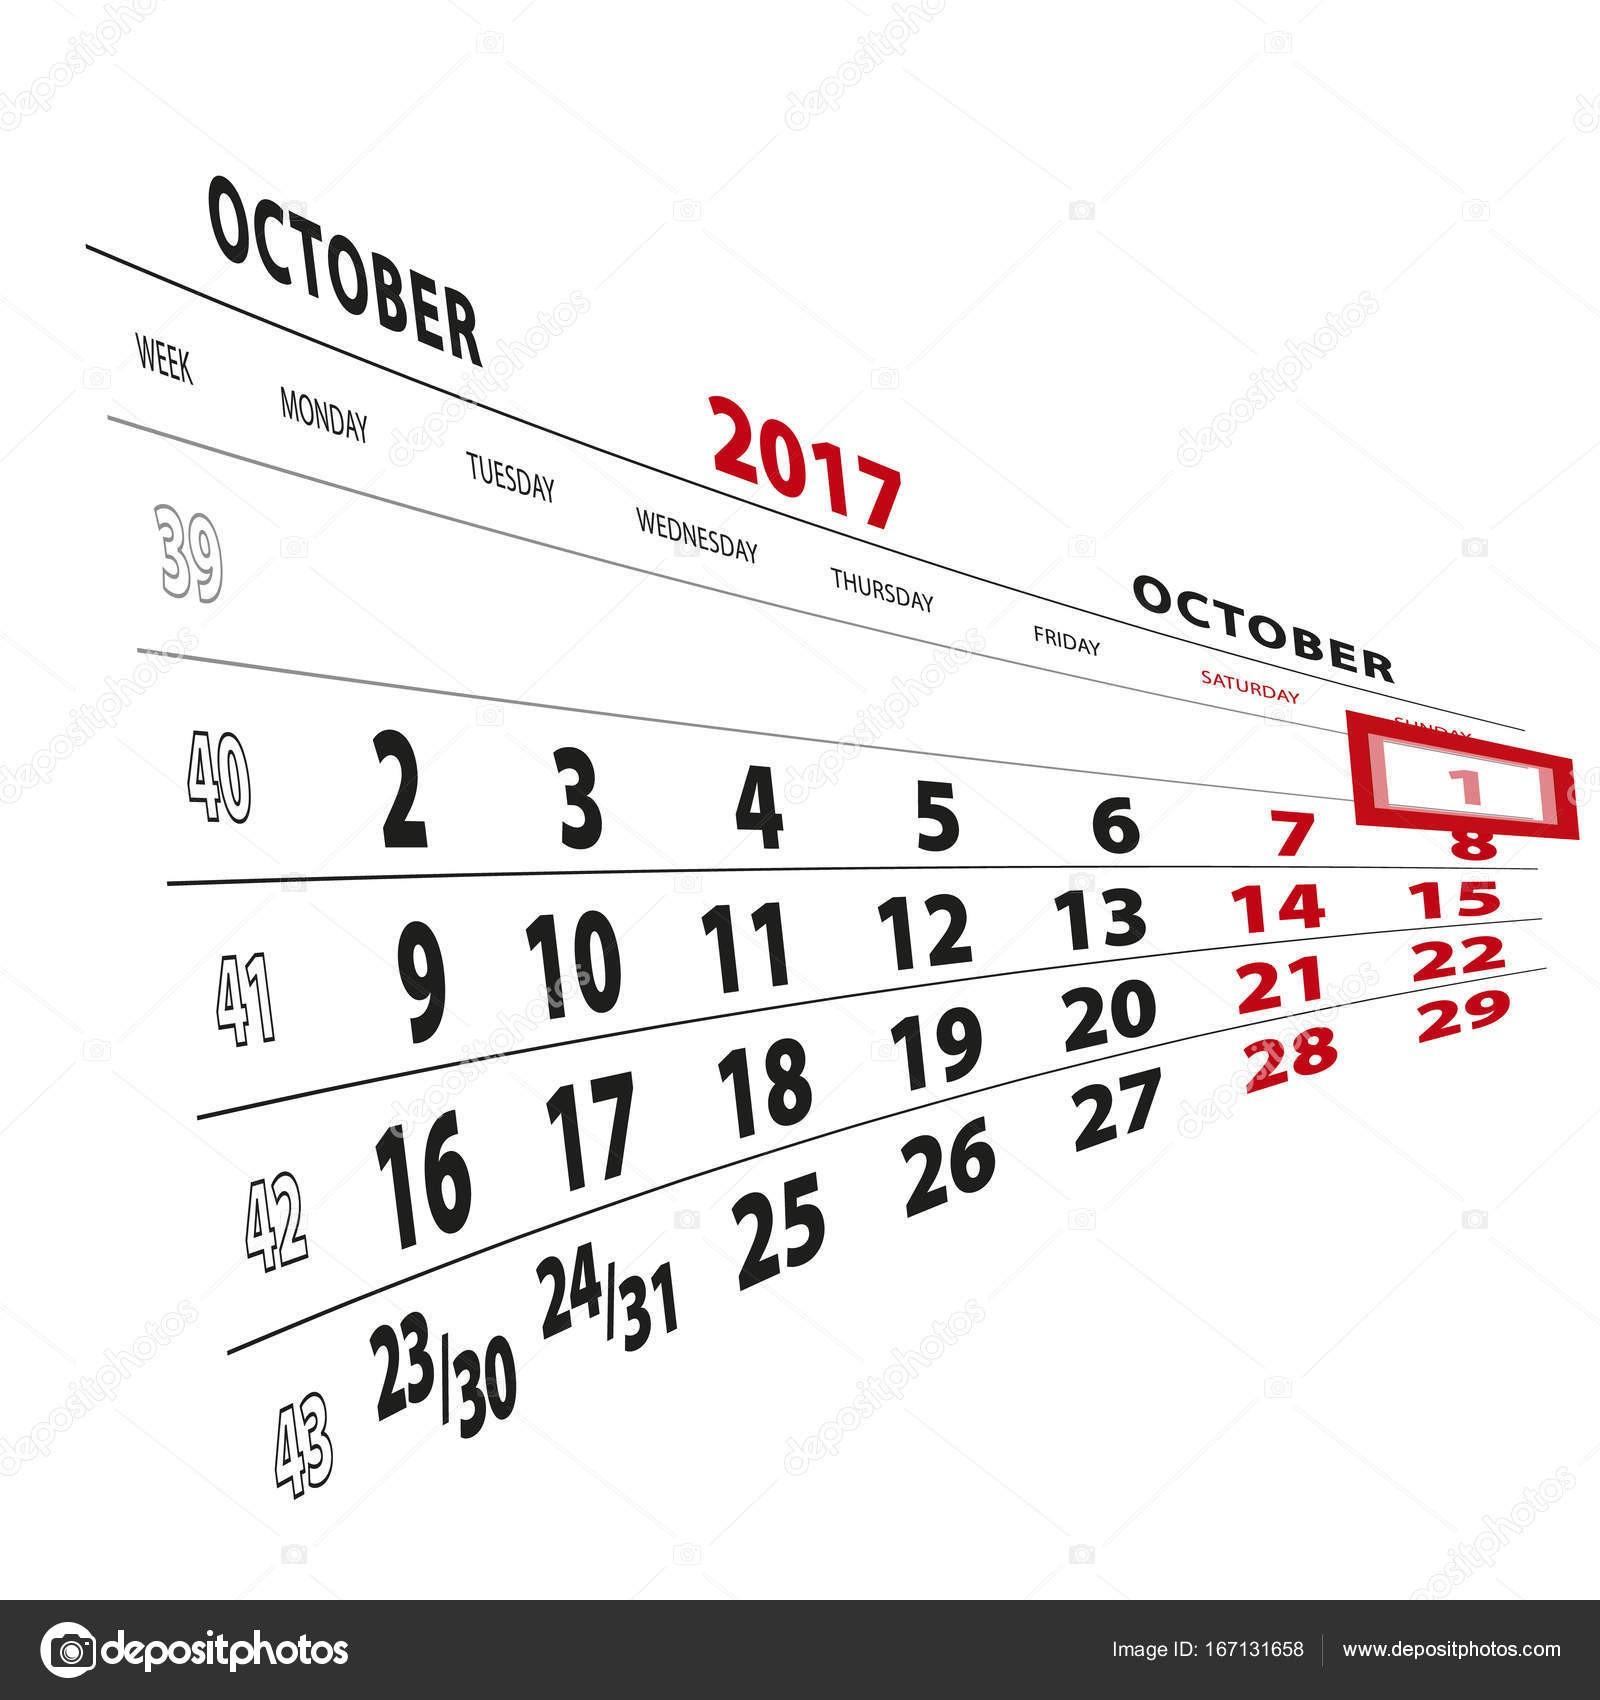 De octubre en calendario la semana ienza en el lunes ilustraci³n de vector de boldg